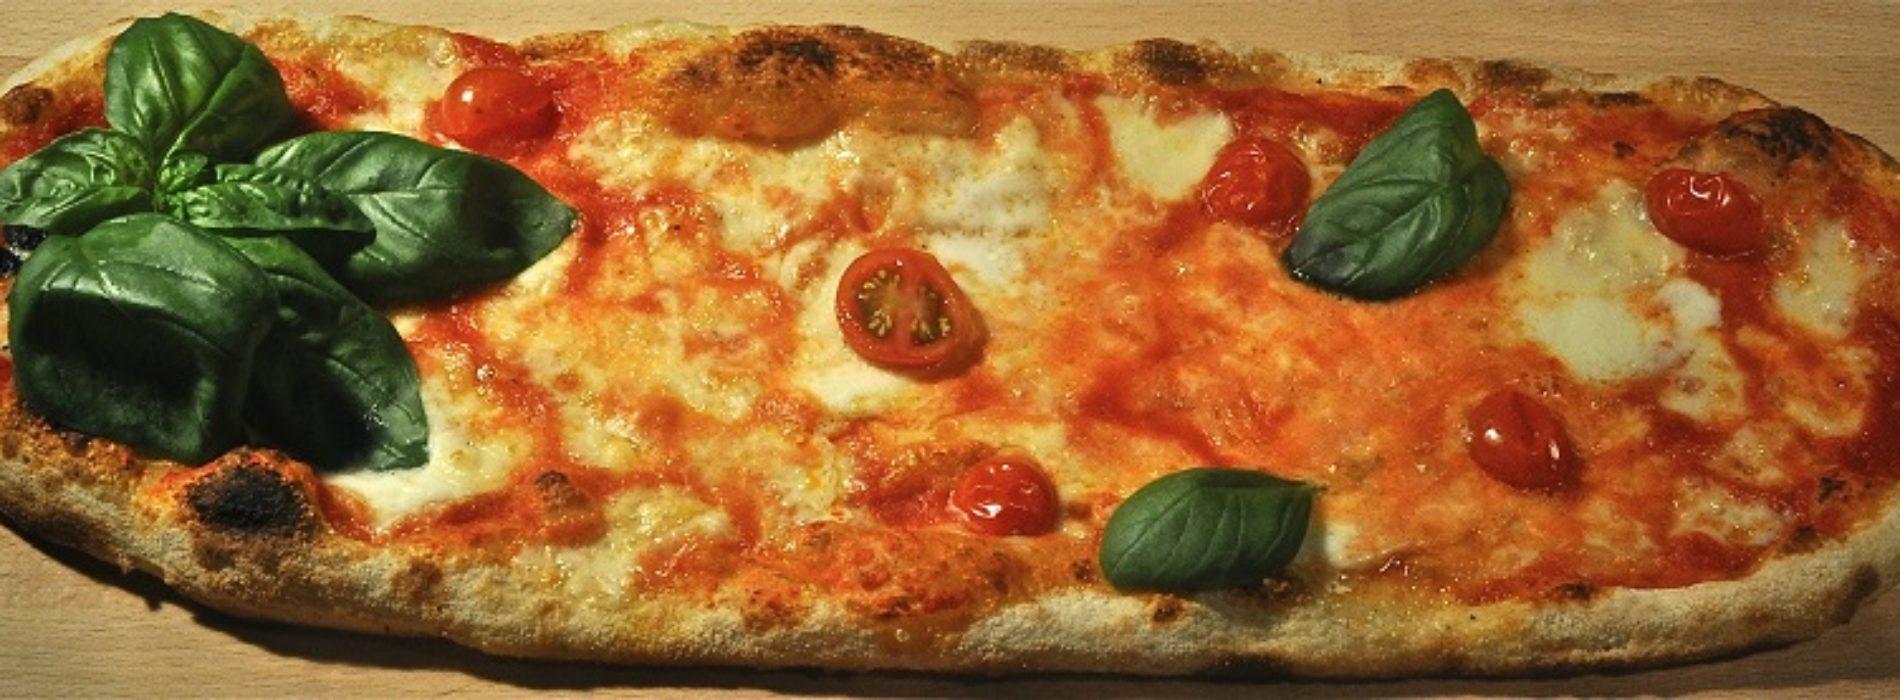 Domus Pinsa Roma, impasti ad alta digeribilità nella 'pizzeria' al Pantheon